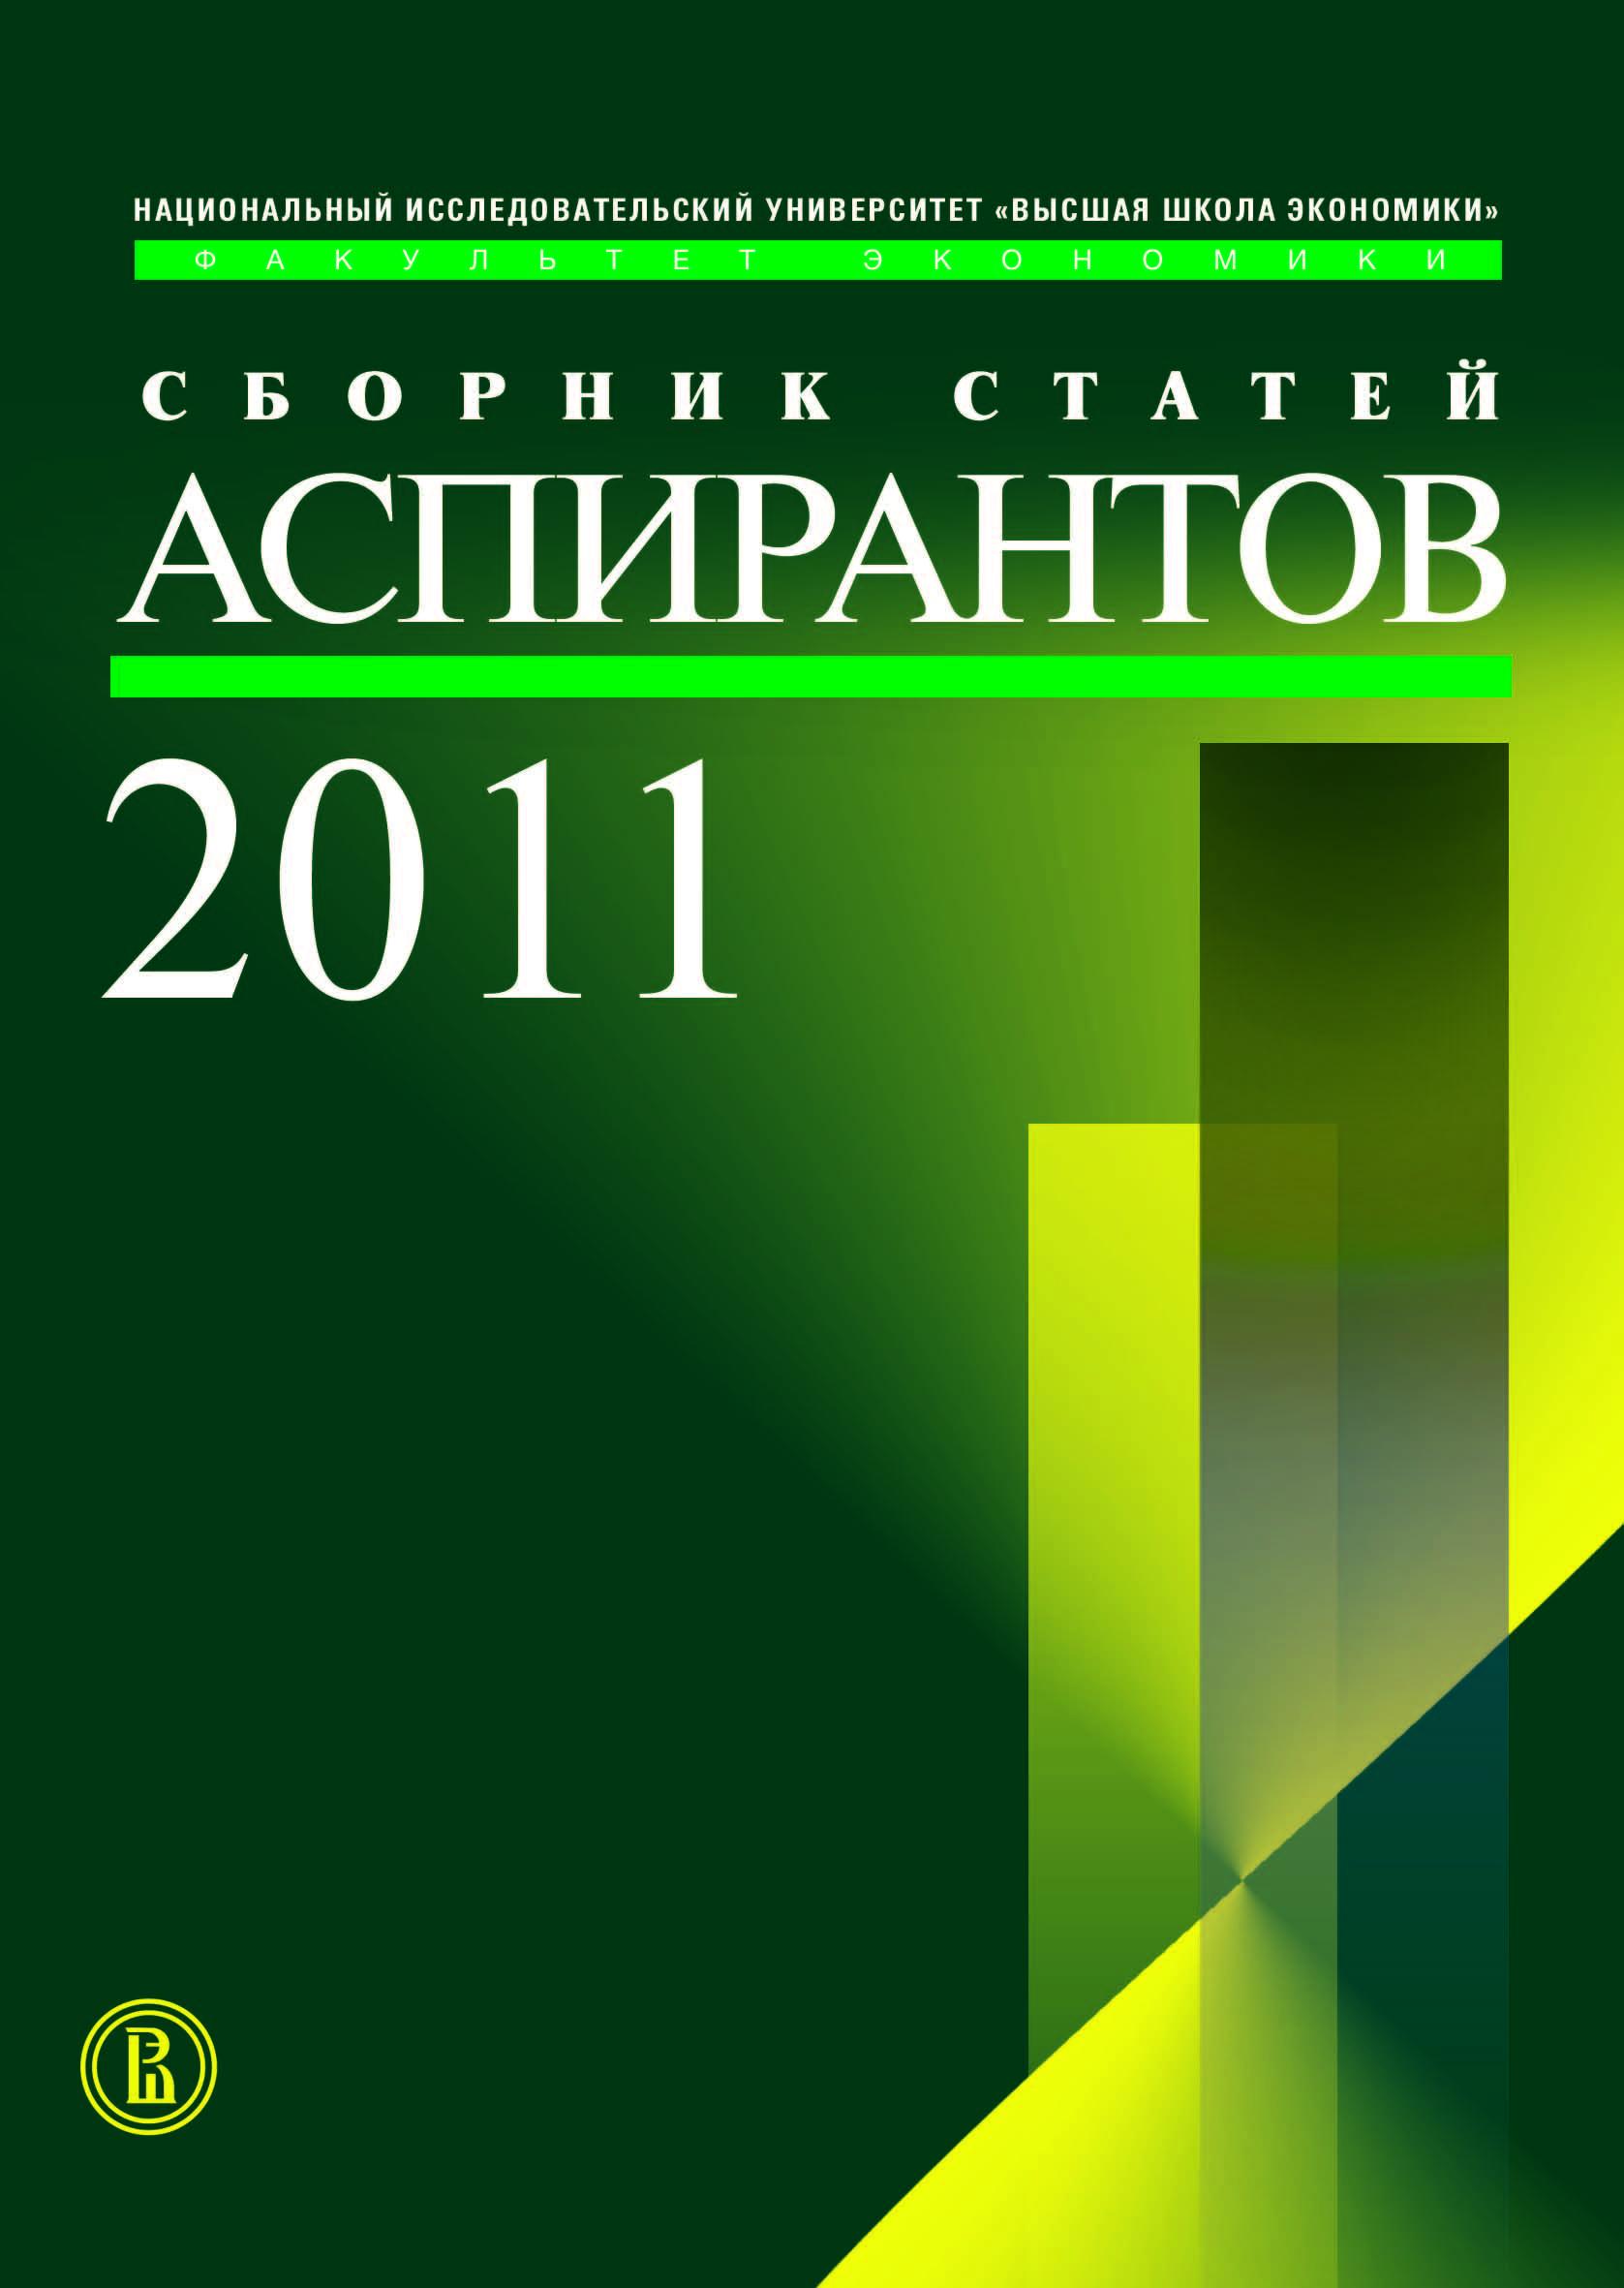 Сборник статей аспирантов - 2011. Факультет экономика